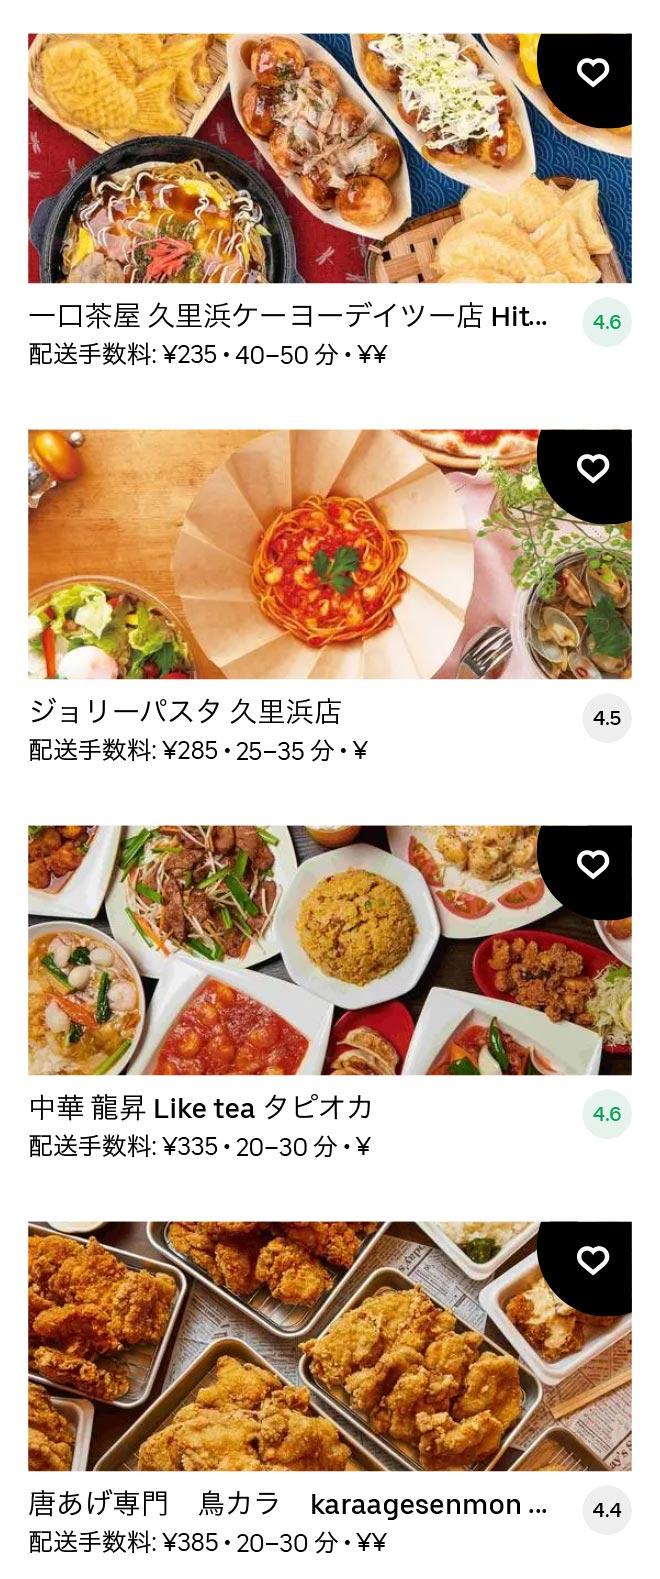 Kurihama menu 2011 04